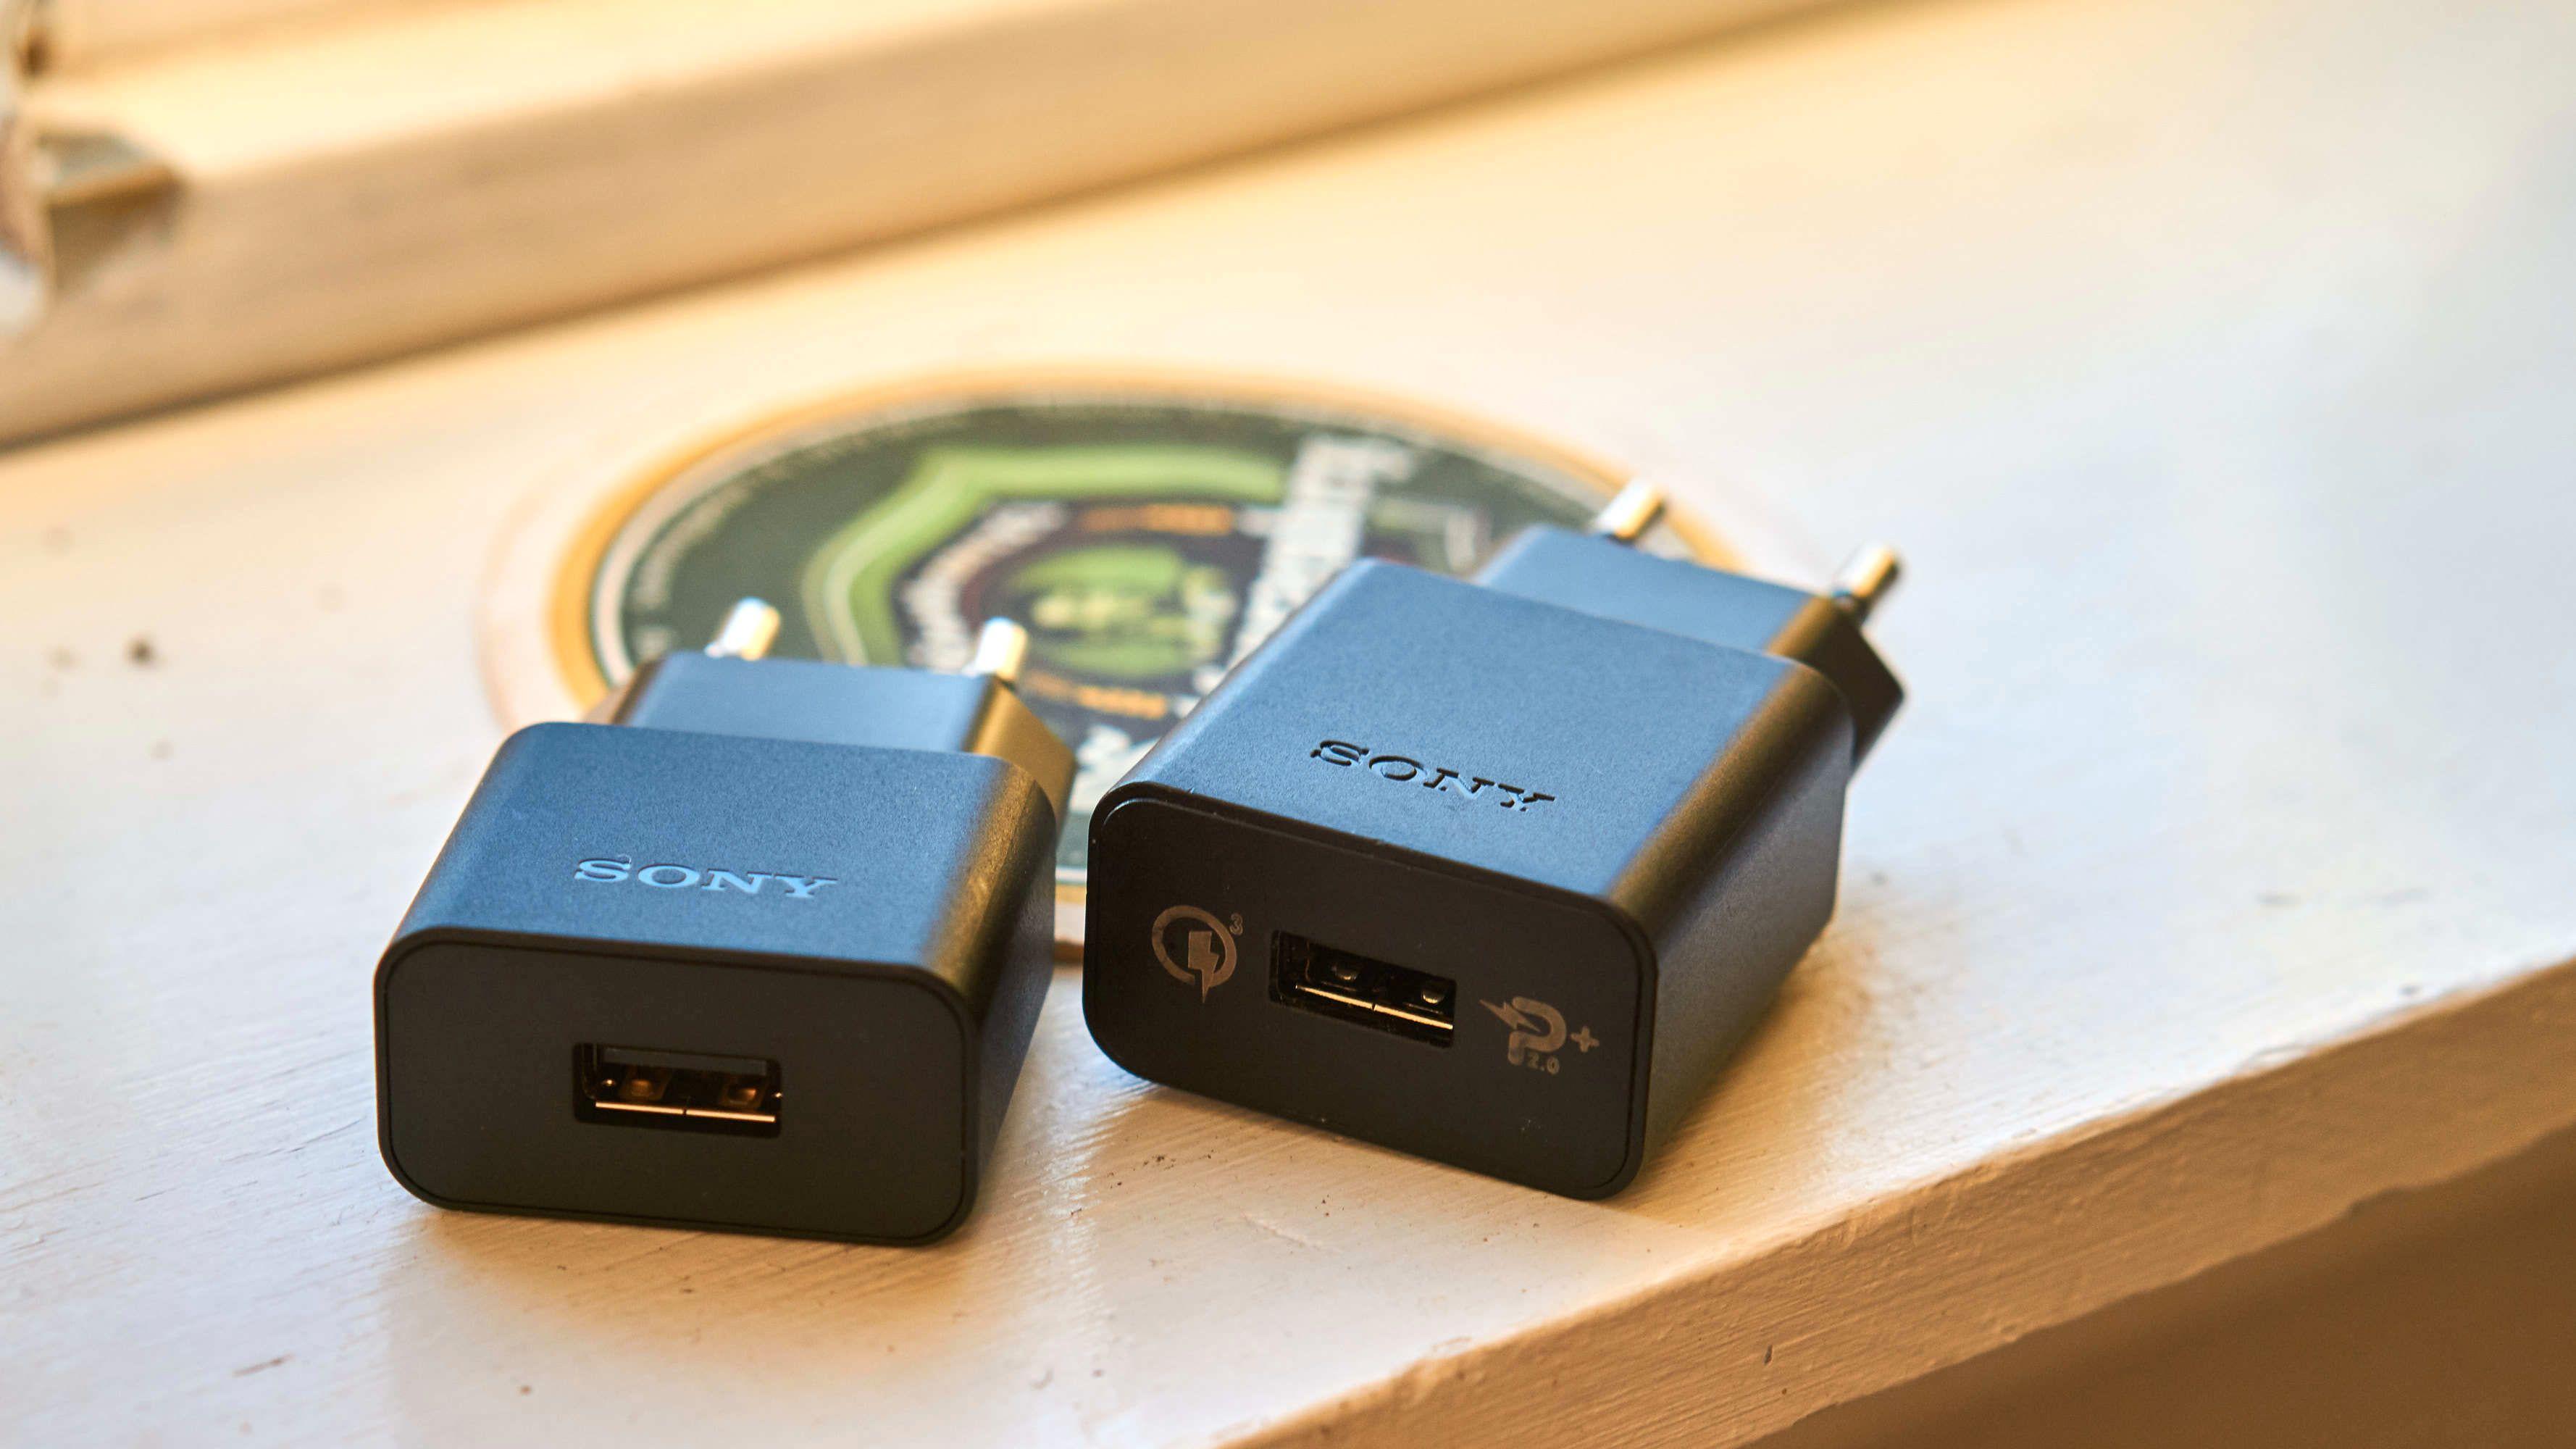 Nei, nei, nei! Sony sender en vanlig lader (venstre) med i pakka, og selger hurtiglader (høyre) som ekstrautstyr.